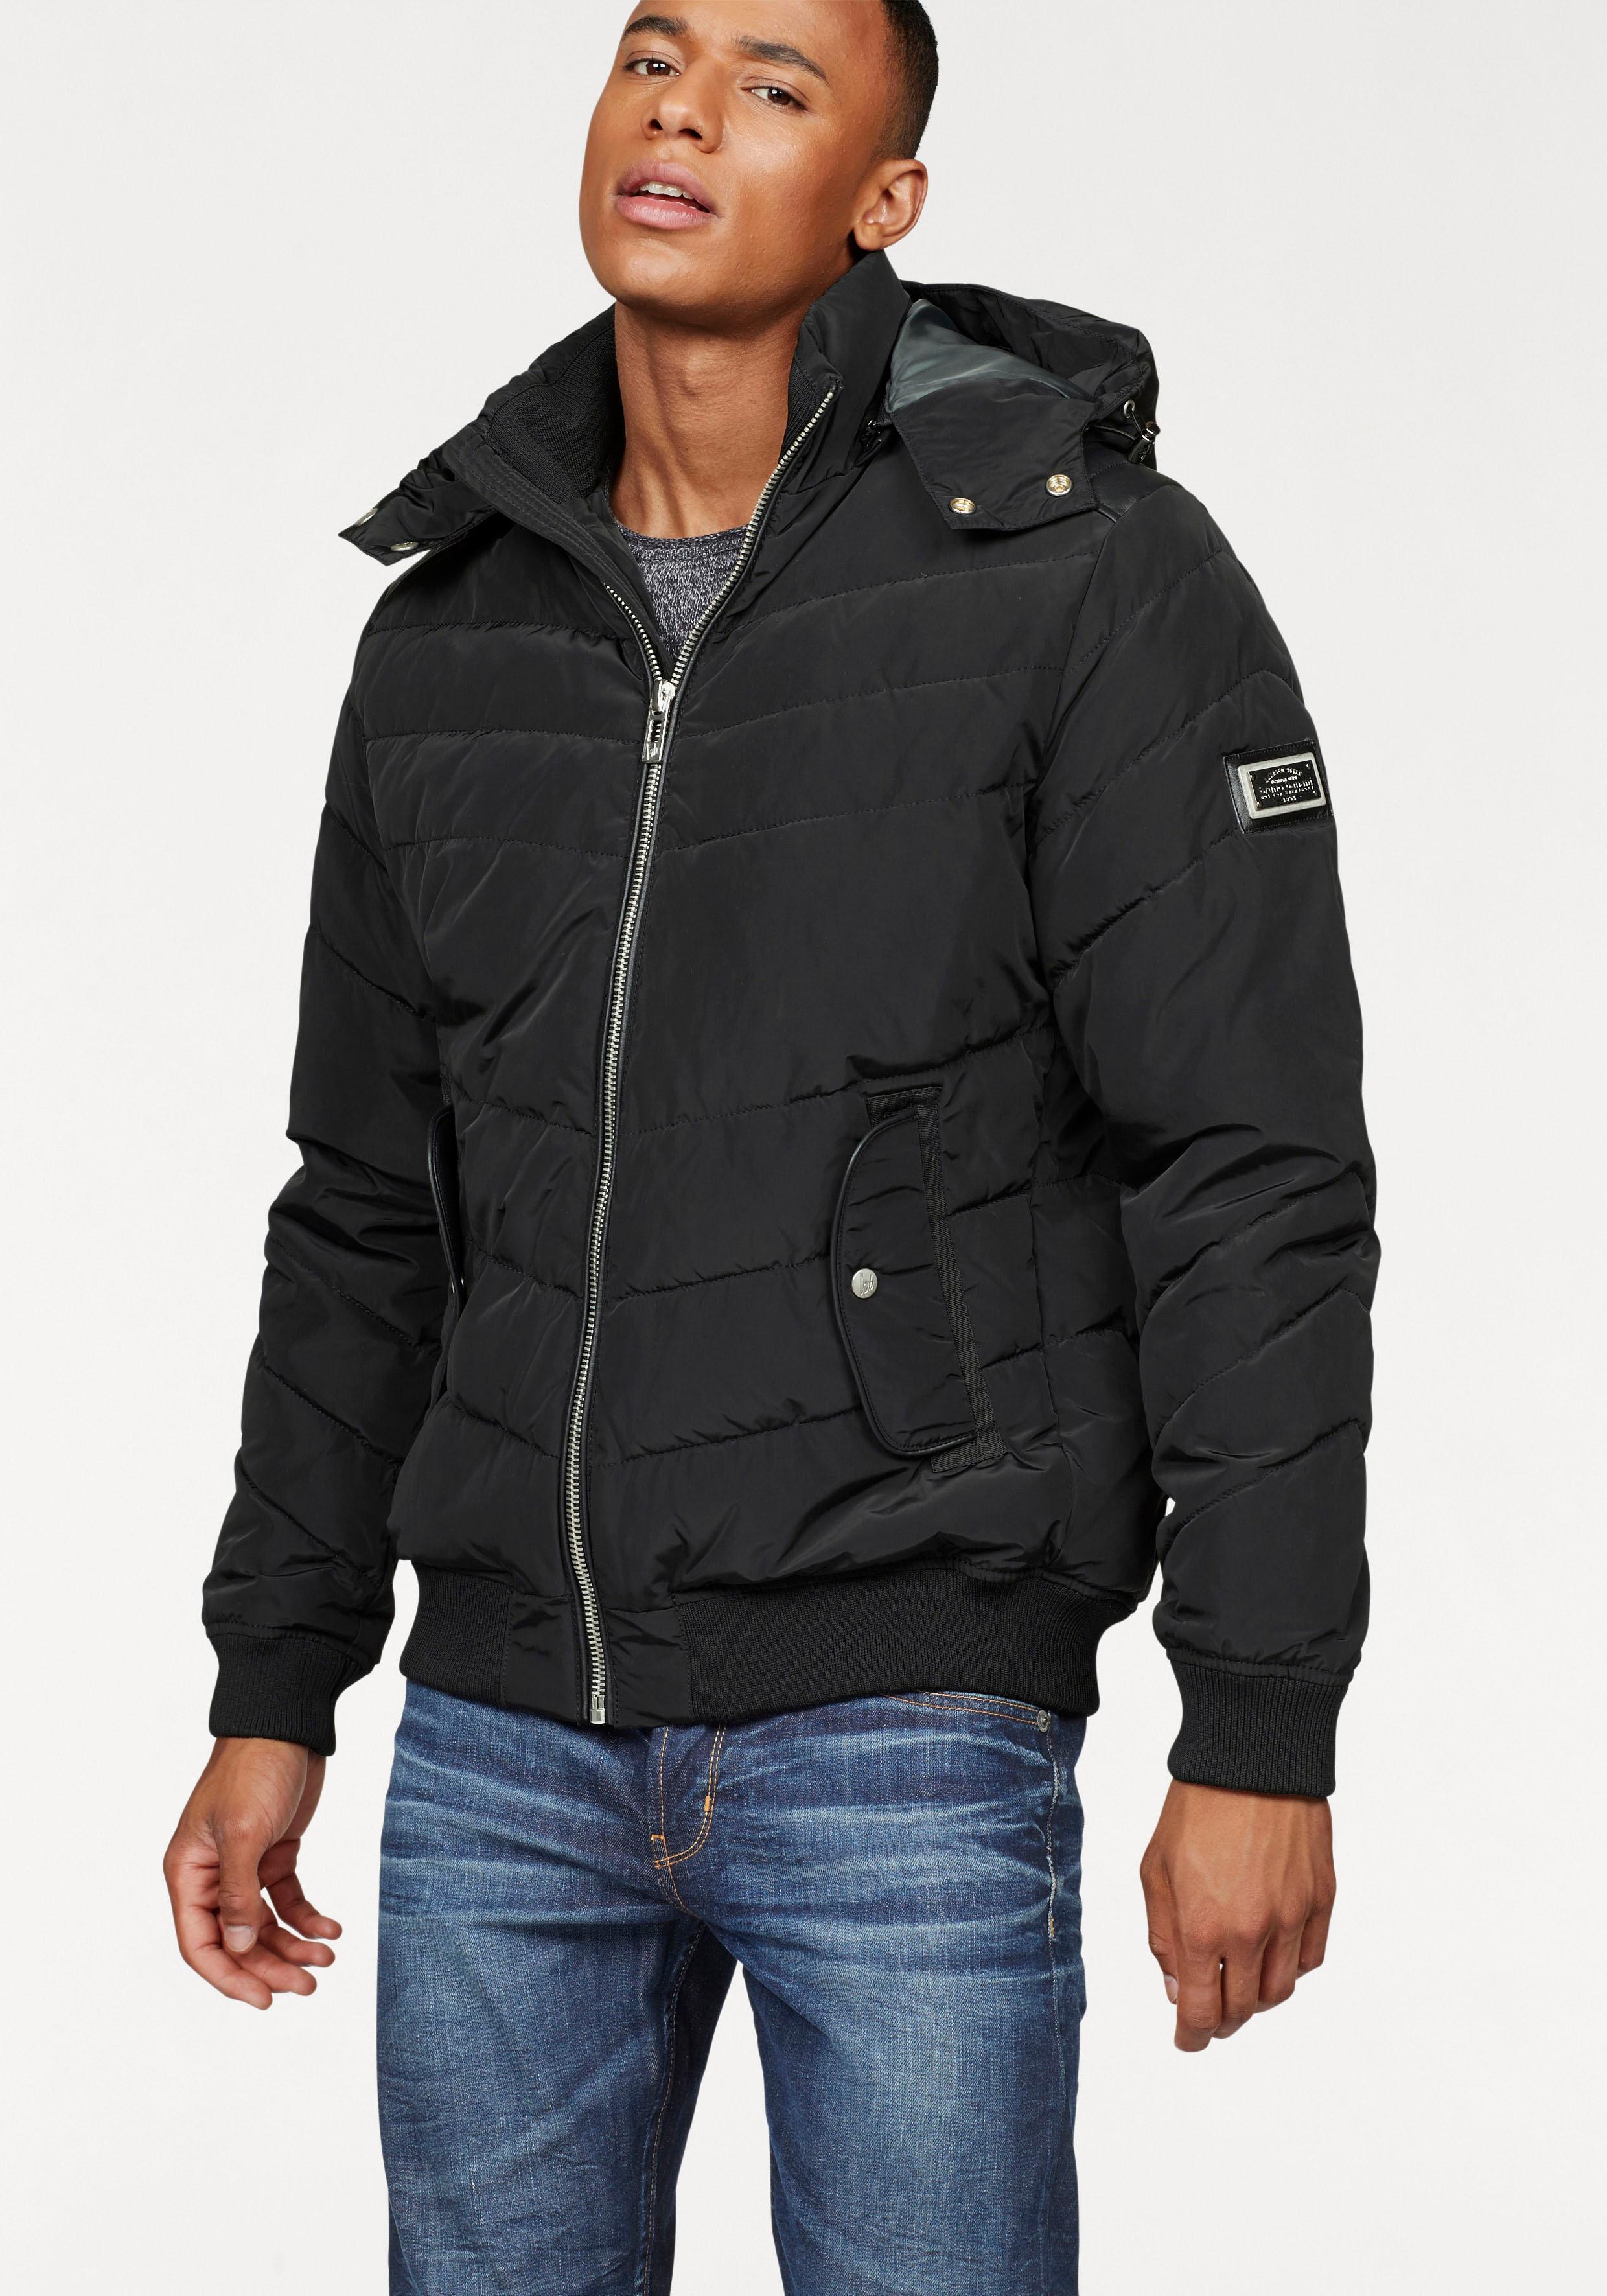 bruno-banani Sonstige Jacken für Herren online kaufen   Herrenmode ... d4d224a554